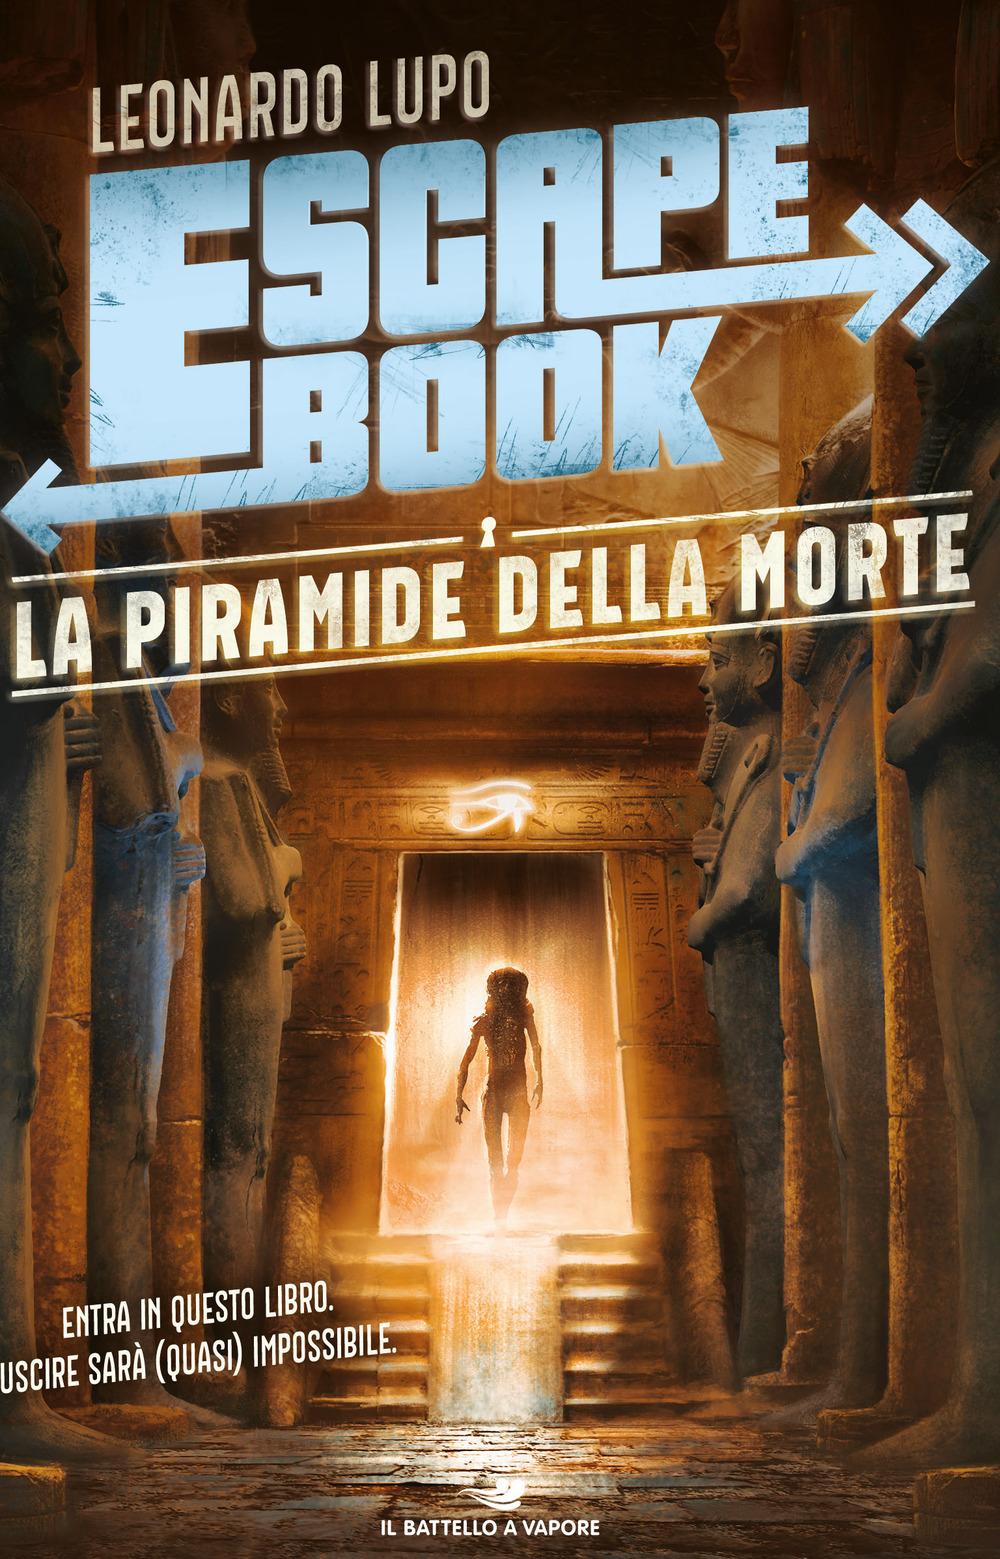 La piramide della morte. Escape book